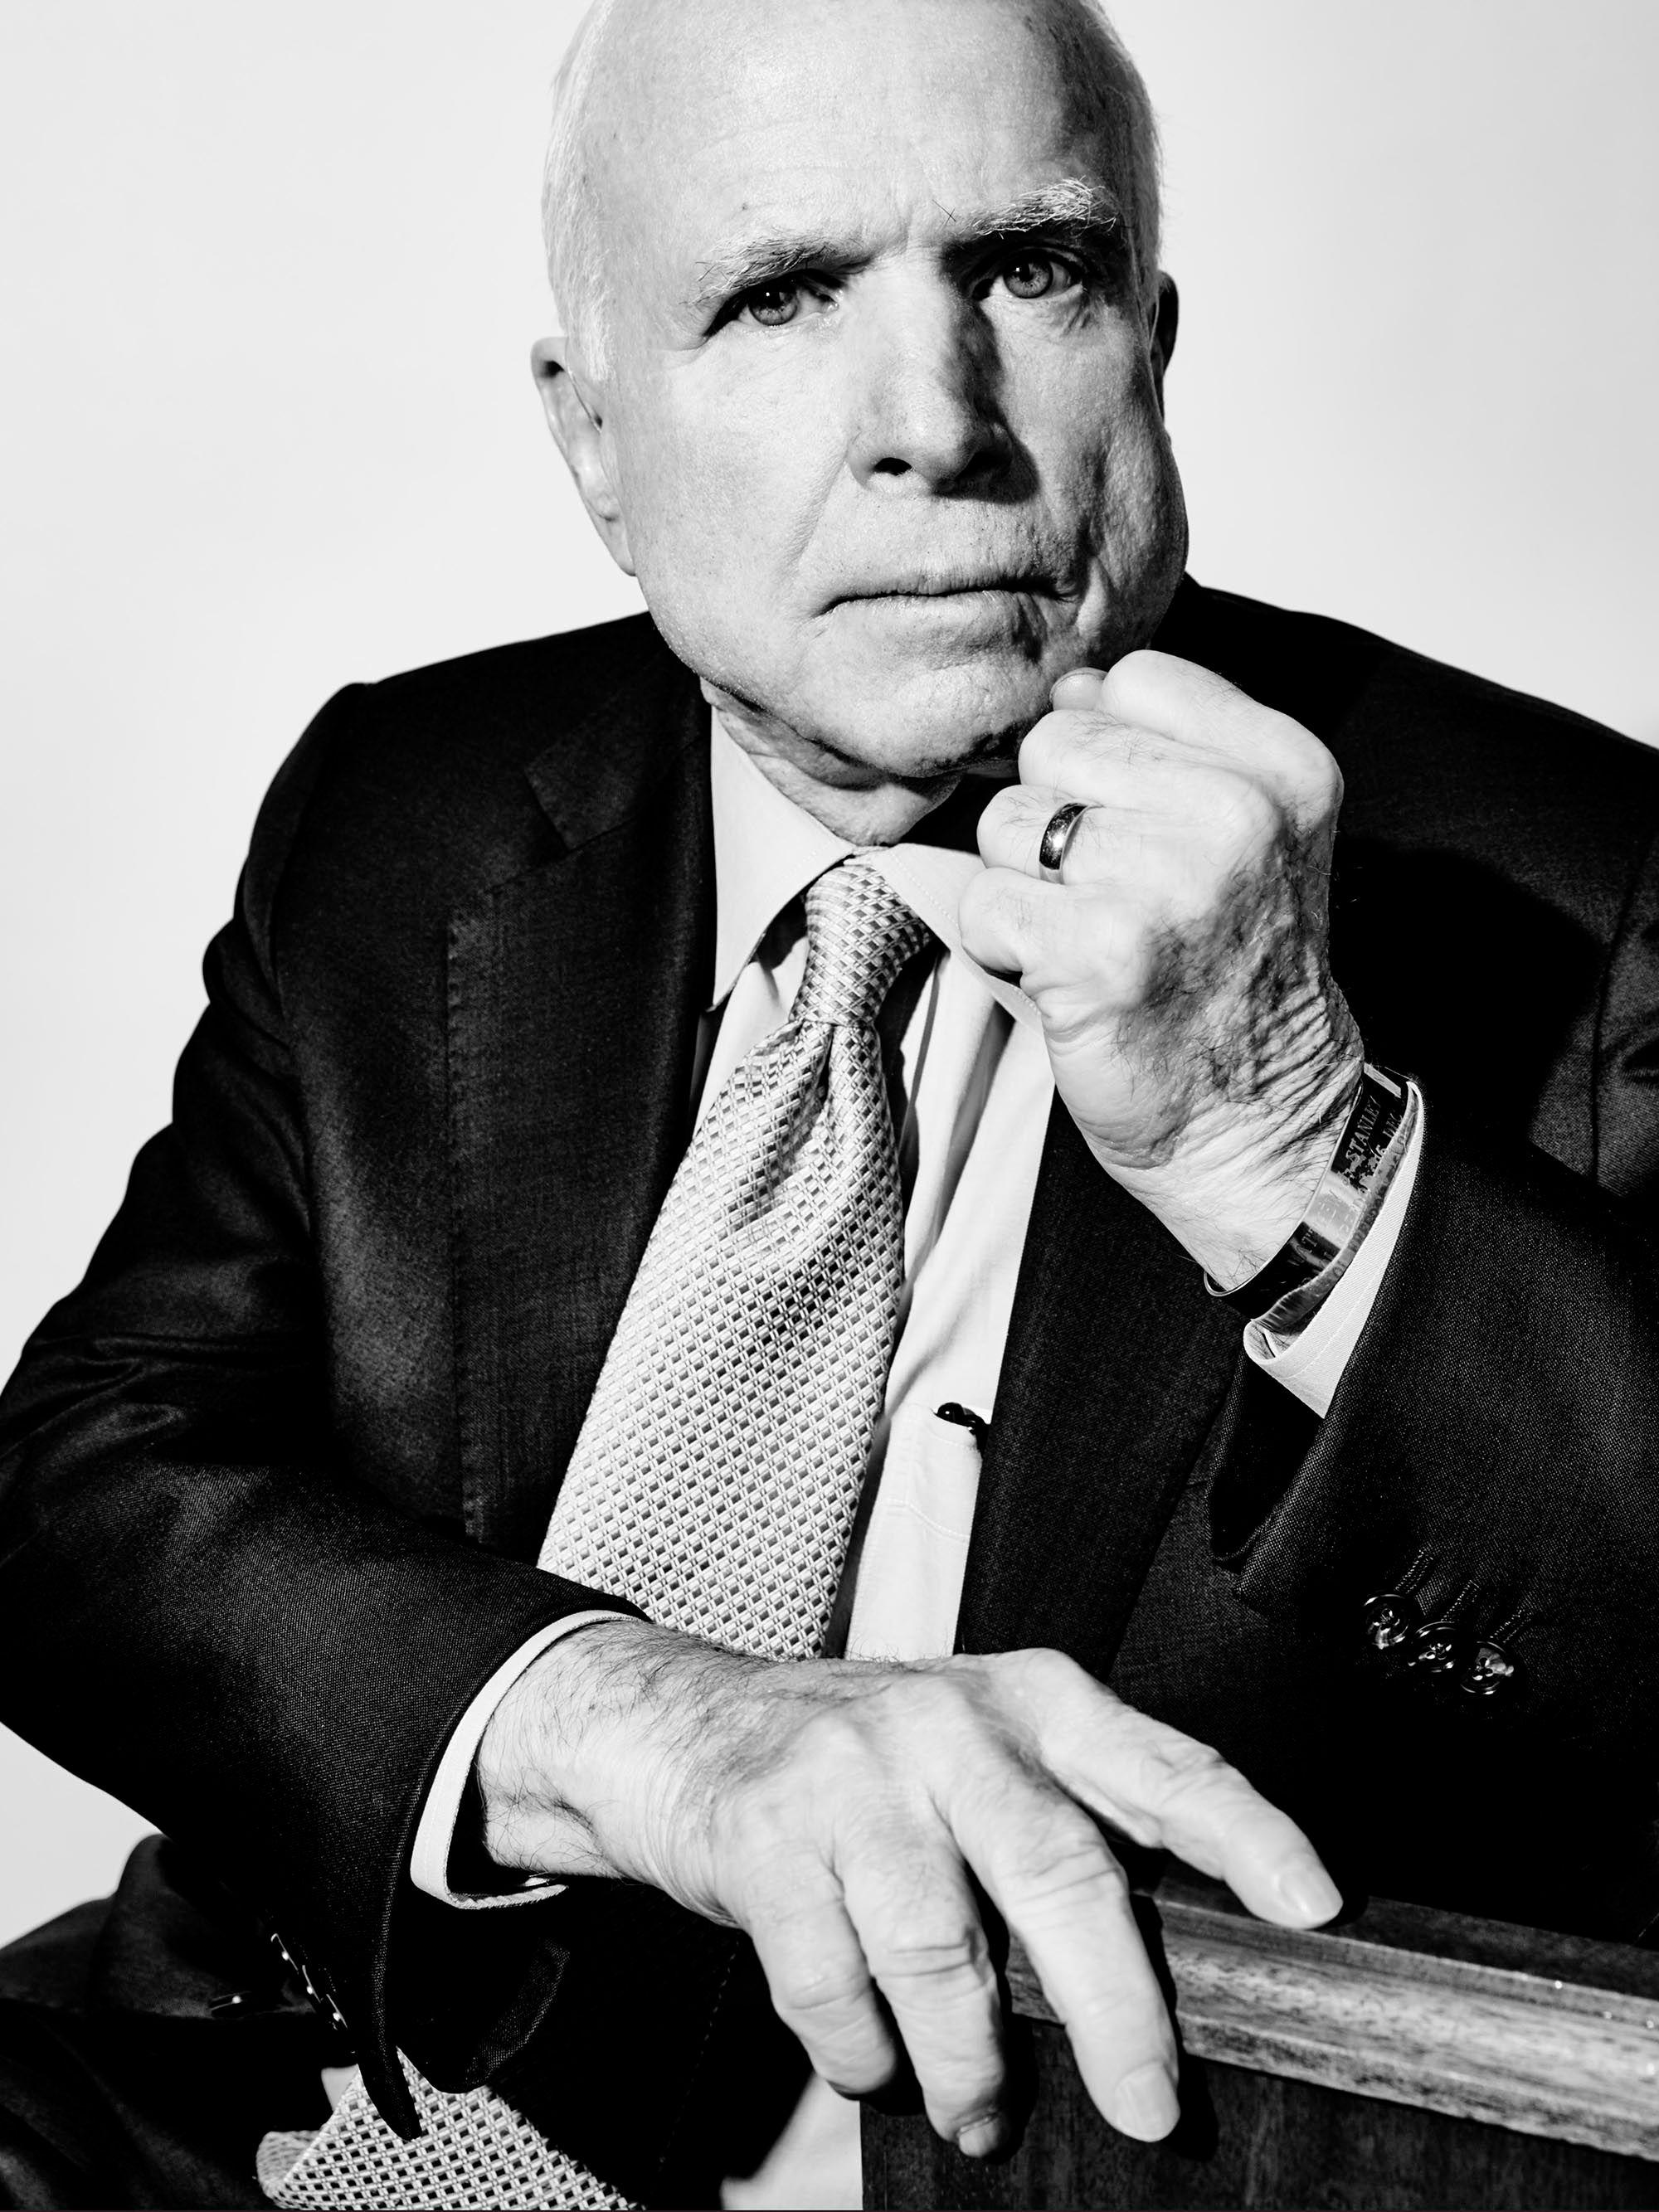 Sen John McCaine